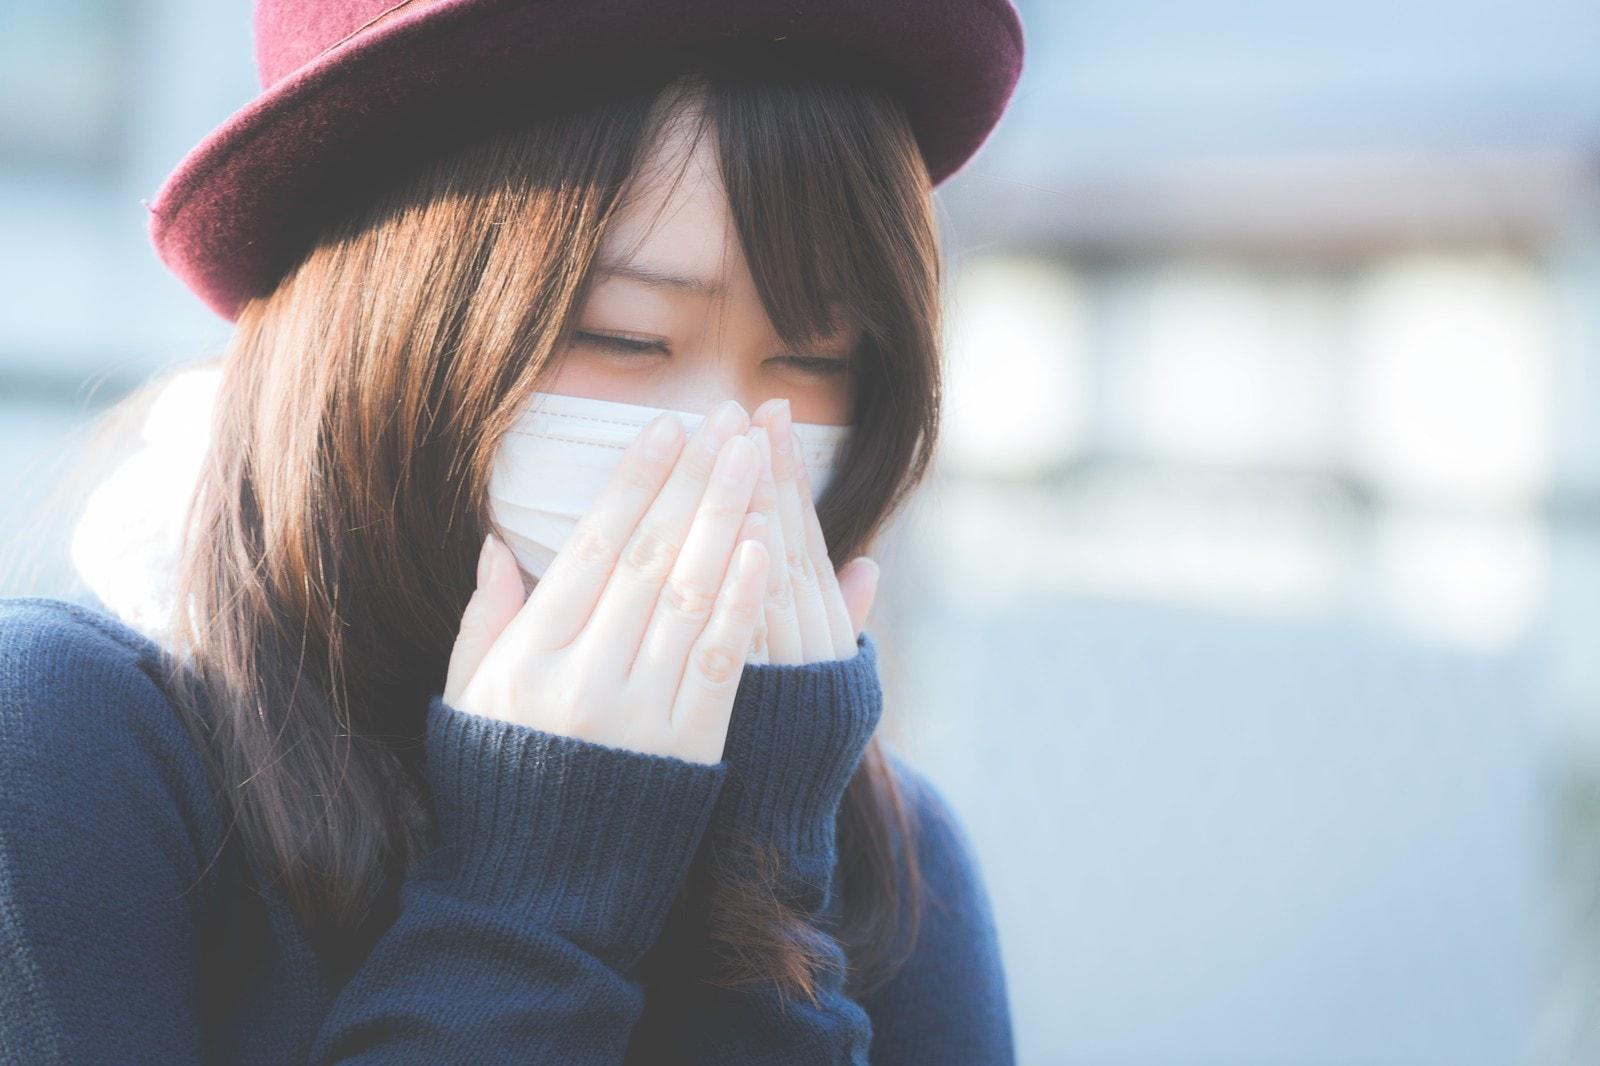 了解流感 種類、病徵、潛伏期及預防方法!